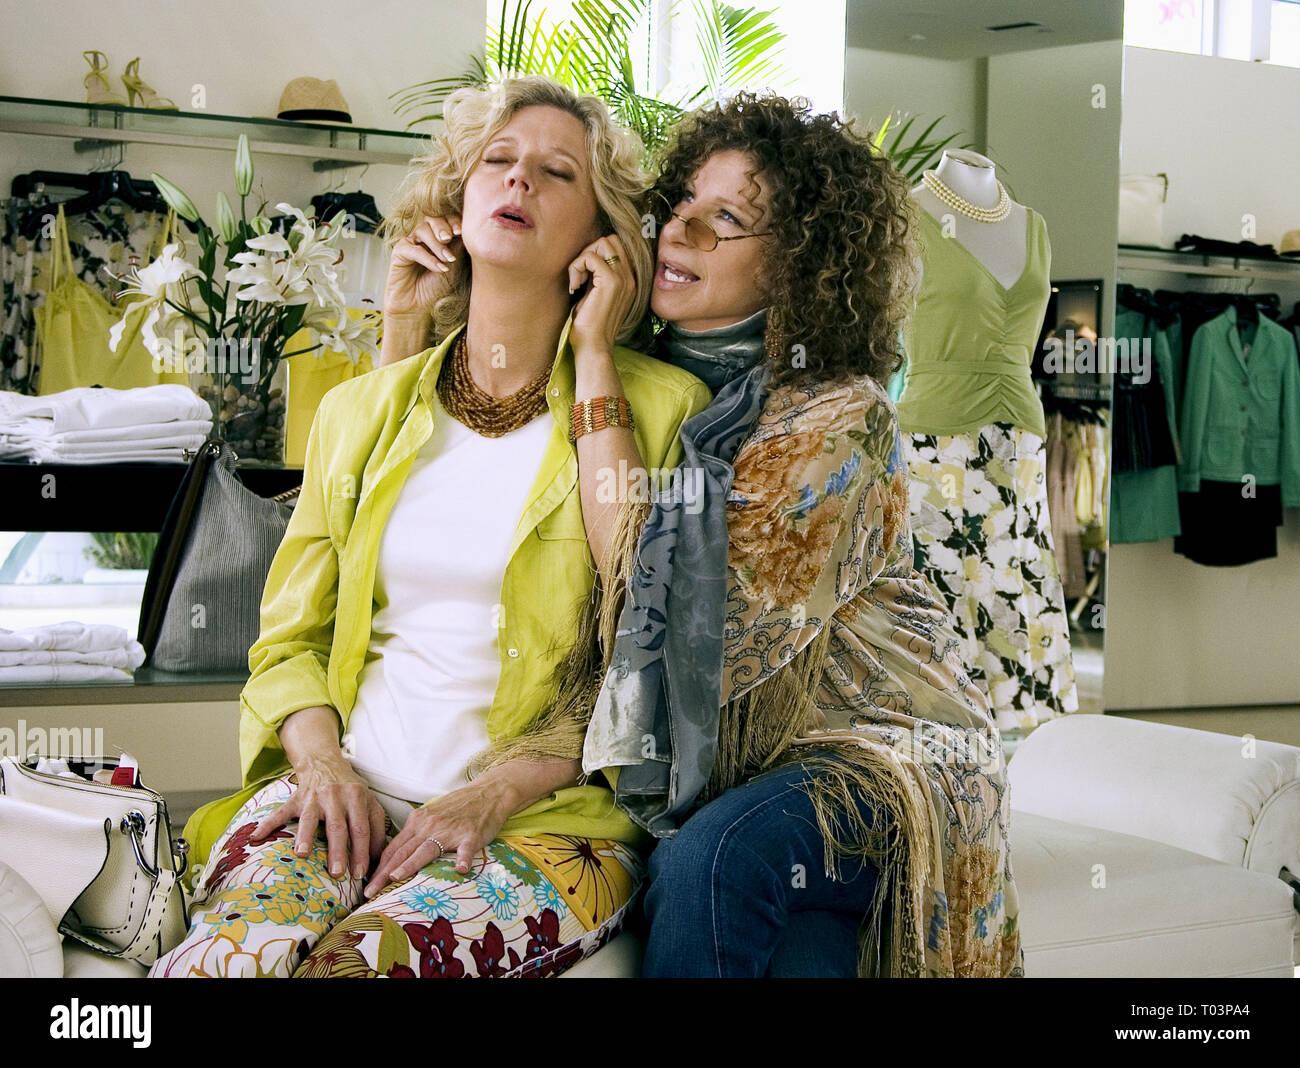 BLYTHE DANNER, BARBRA STREISAND, MEET THE FOCKERS, 2004 - Stock Image